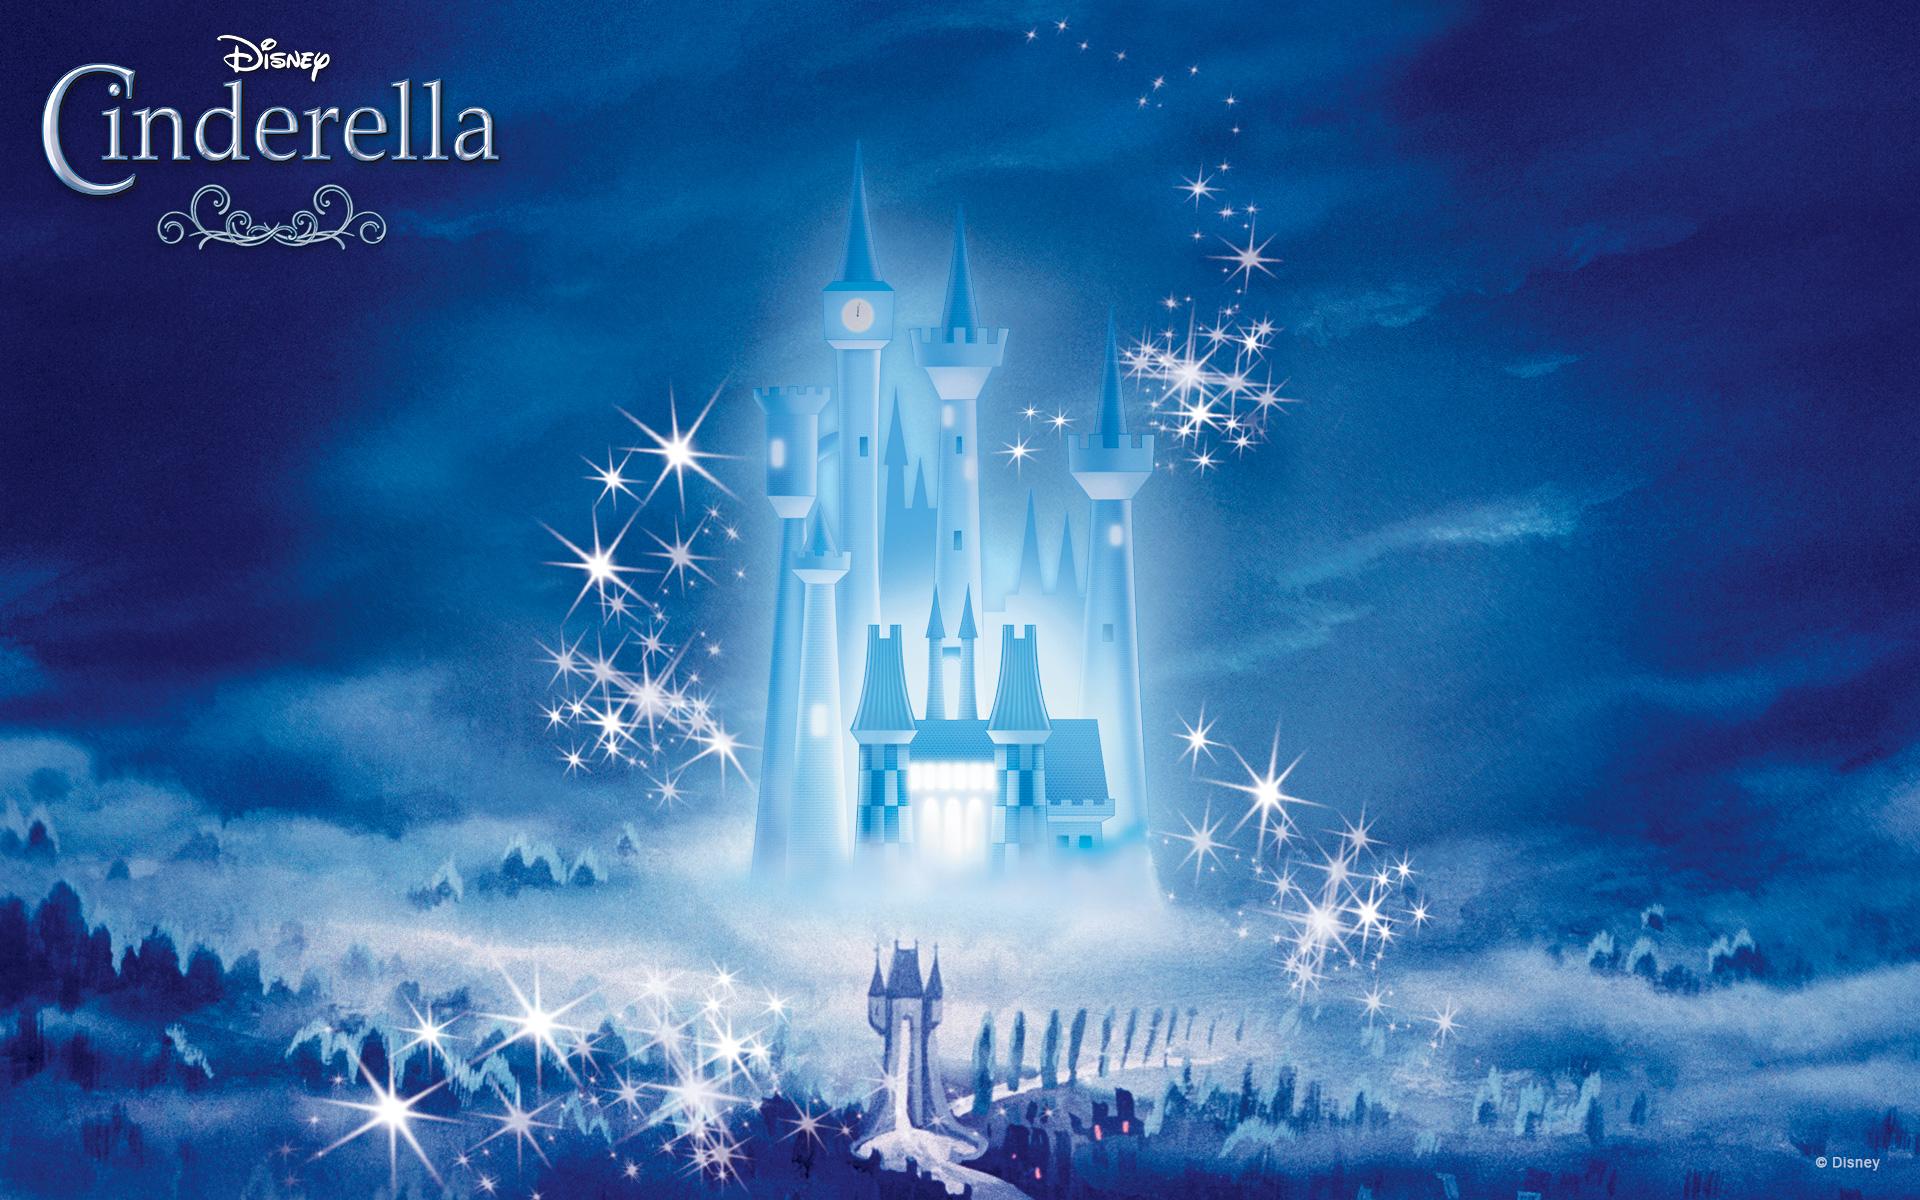 シンデレラ Princess シンデレラ 壁紙 34209019 ファンポップ